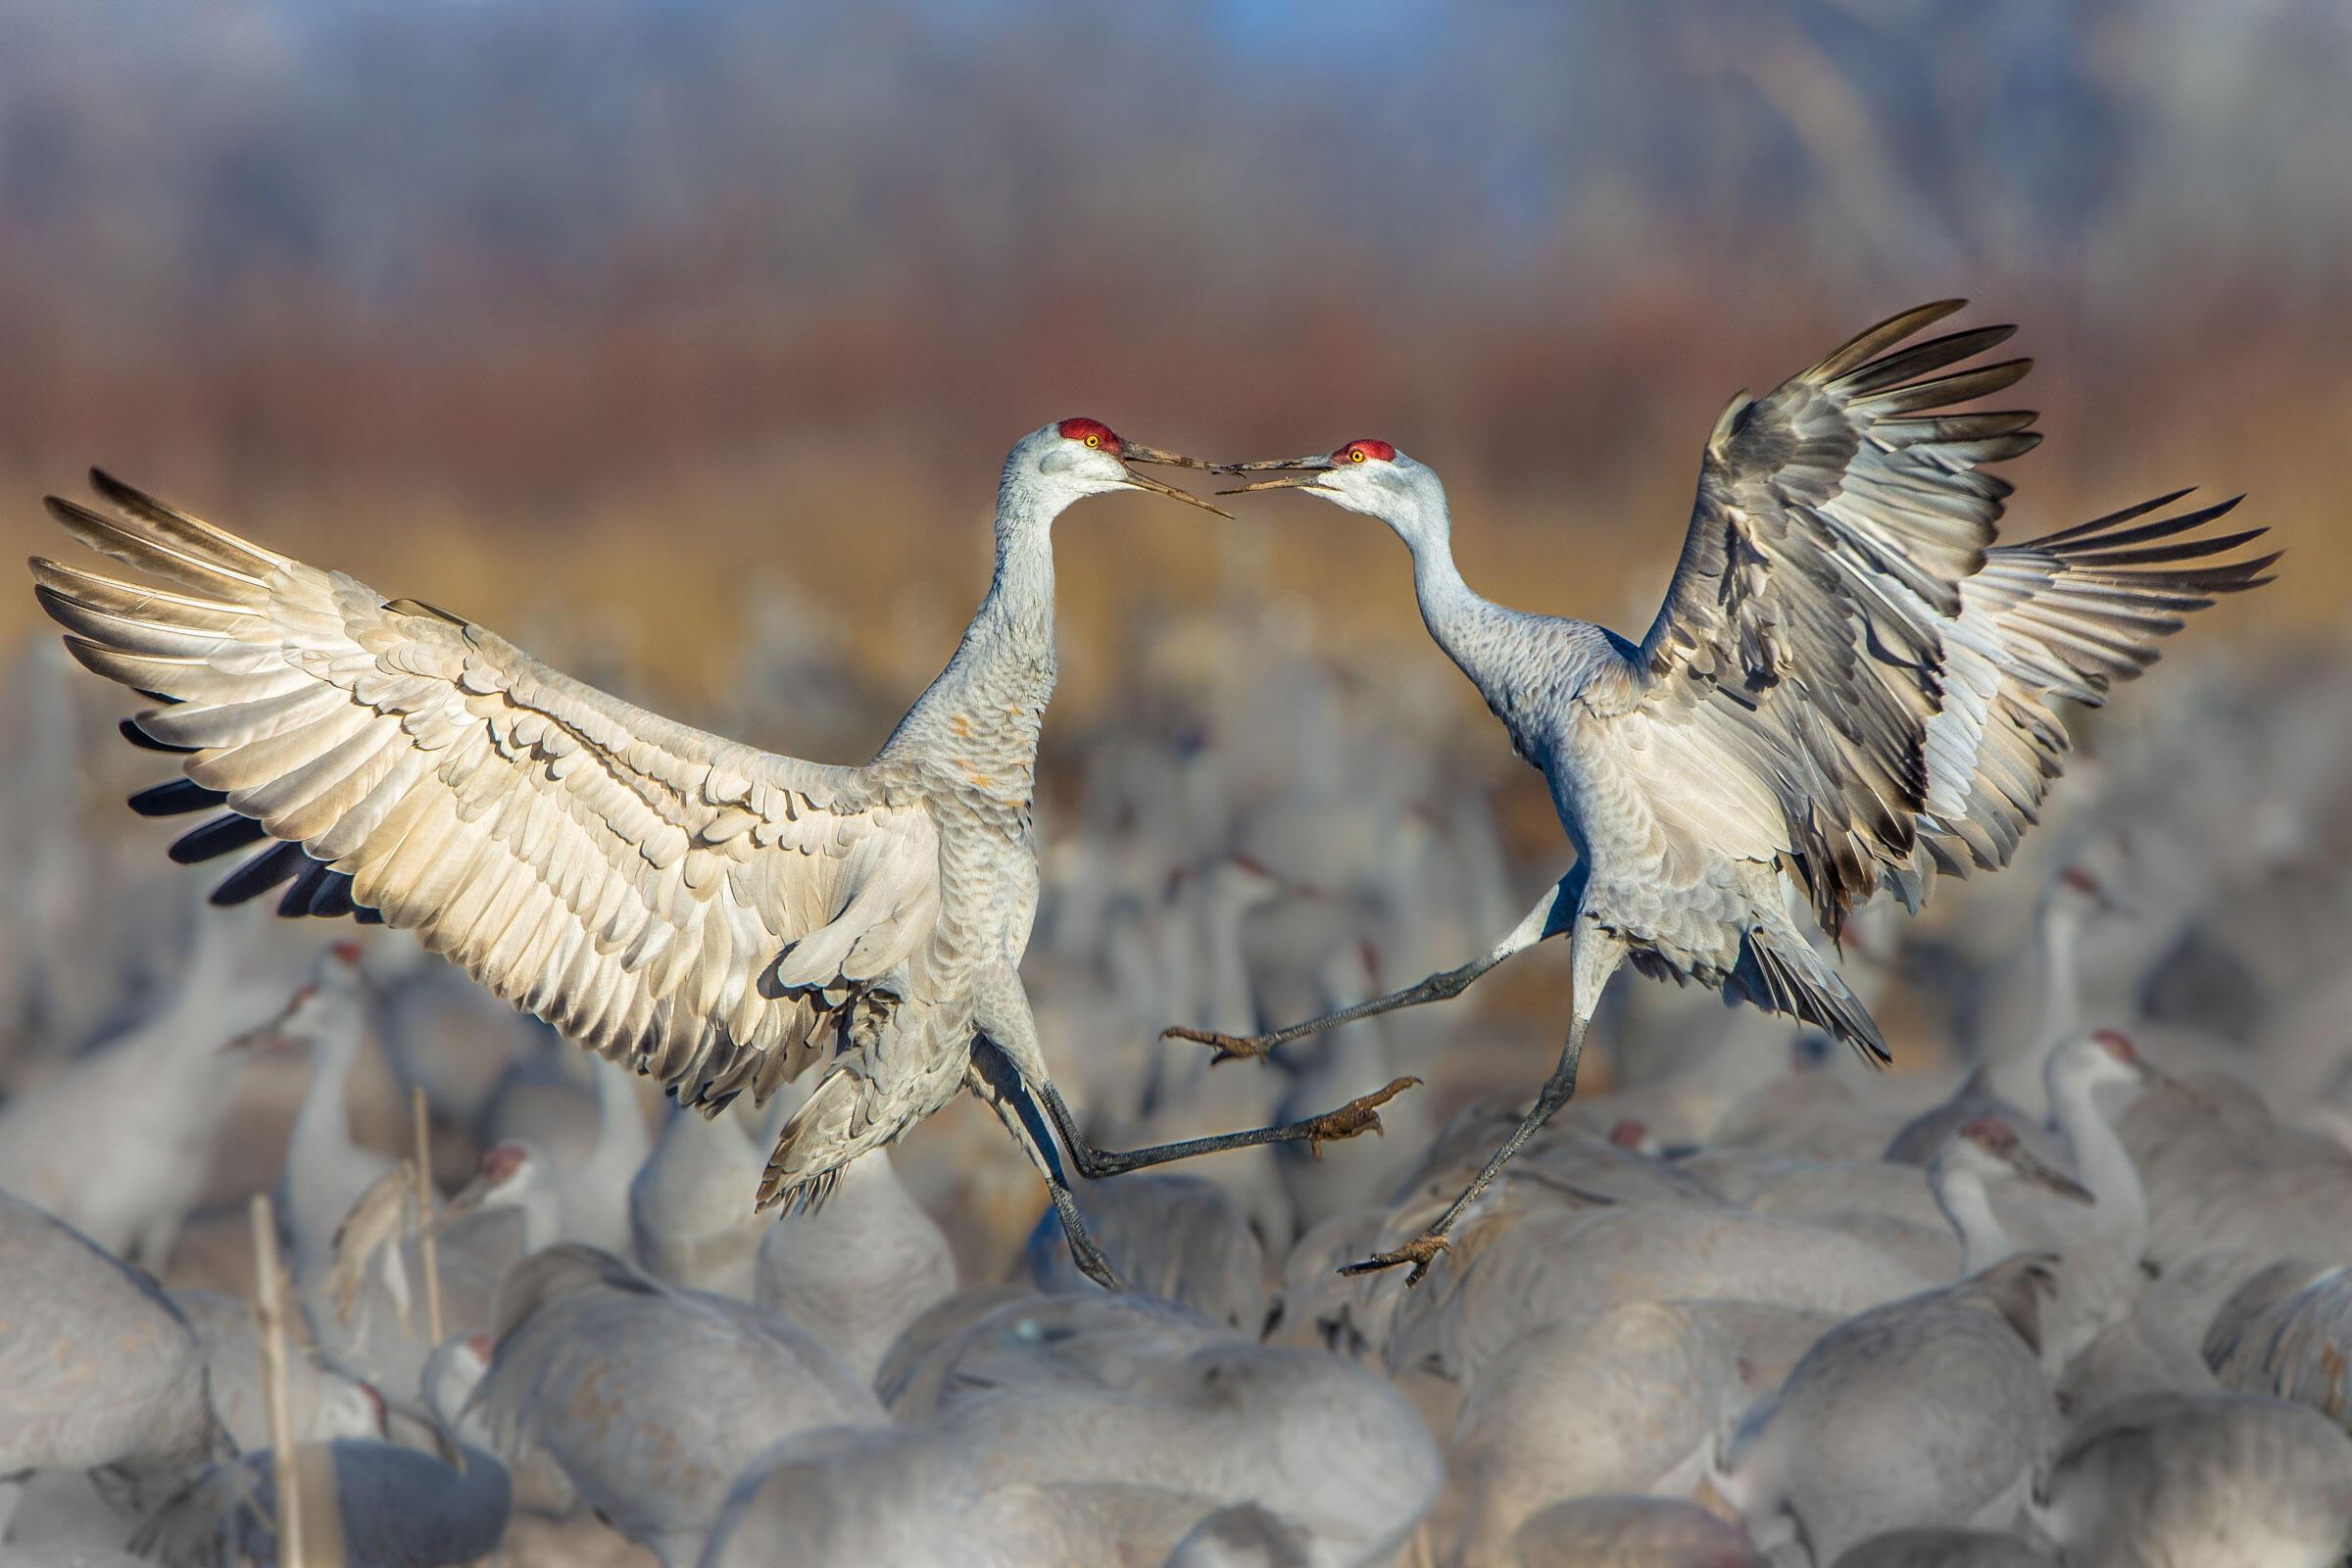 Sandhill Cranes/Amateur Category. Chokchai Leangsuksun/Audubon Photography Awards